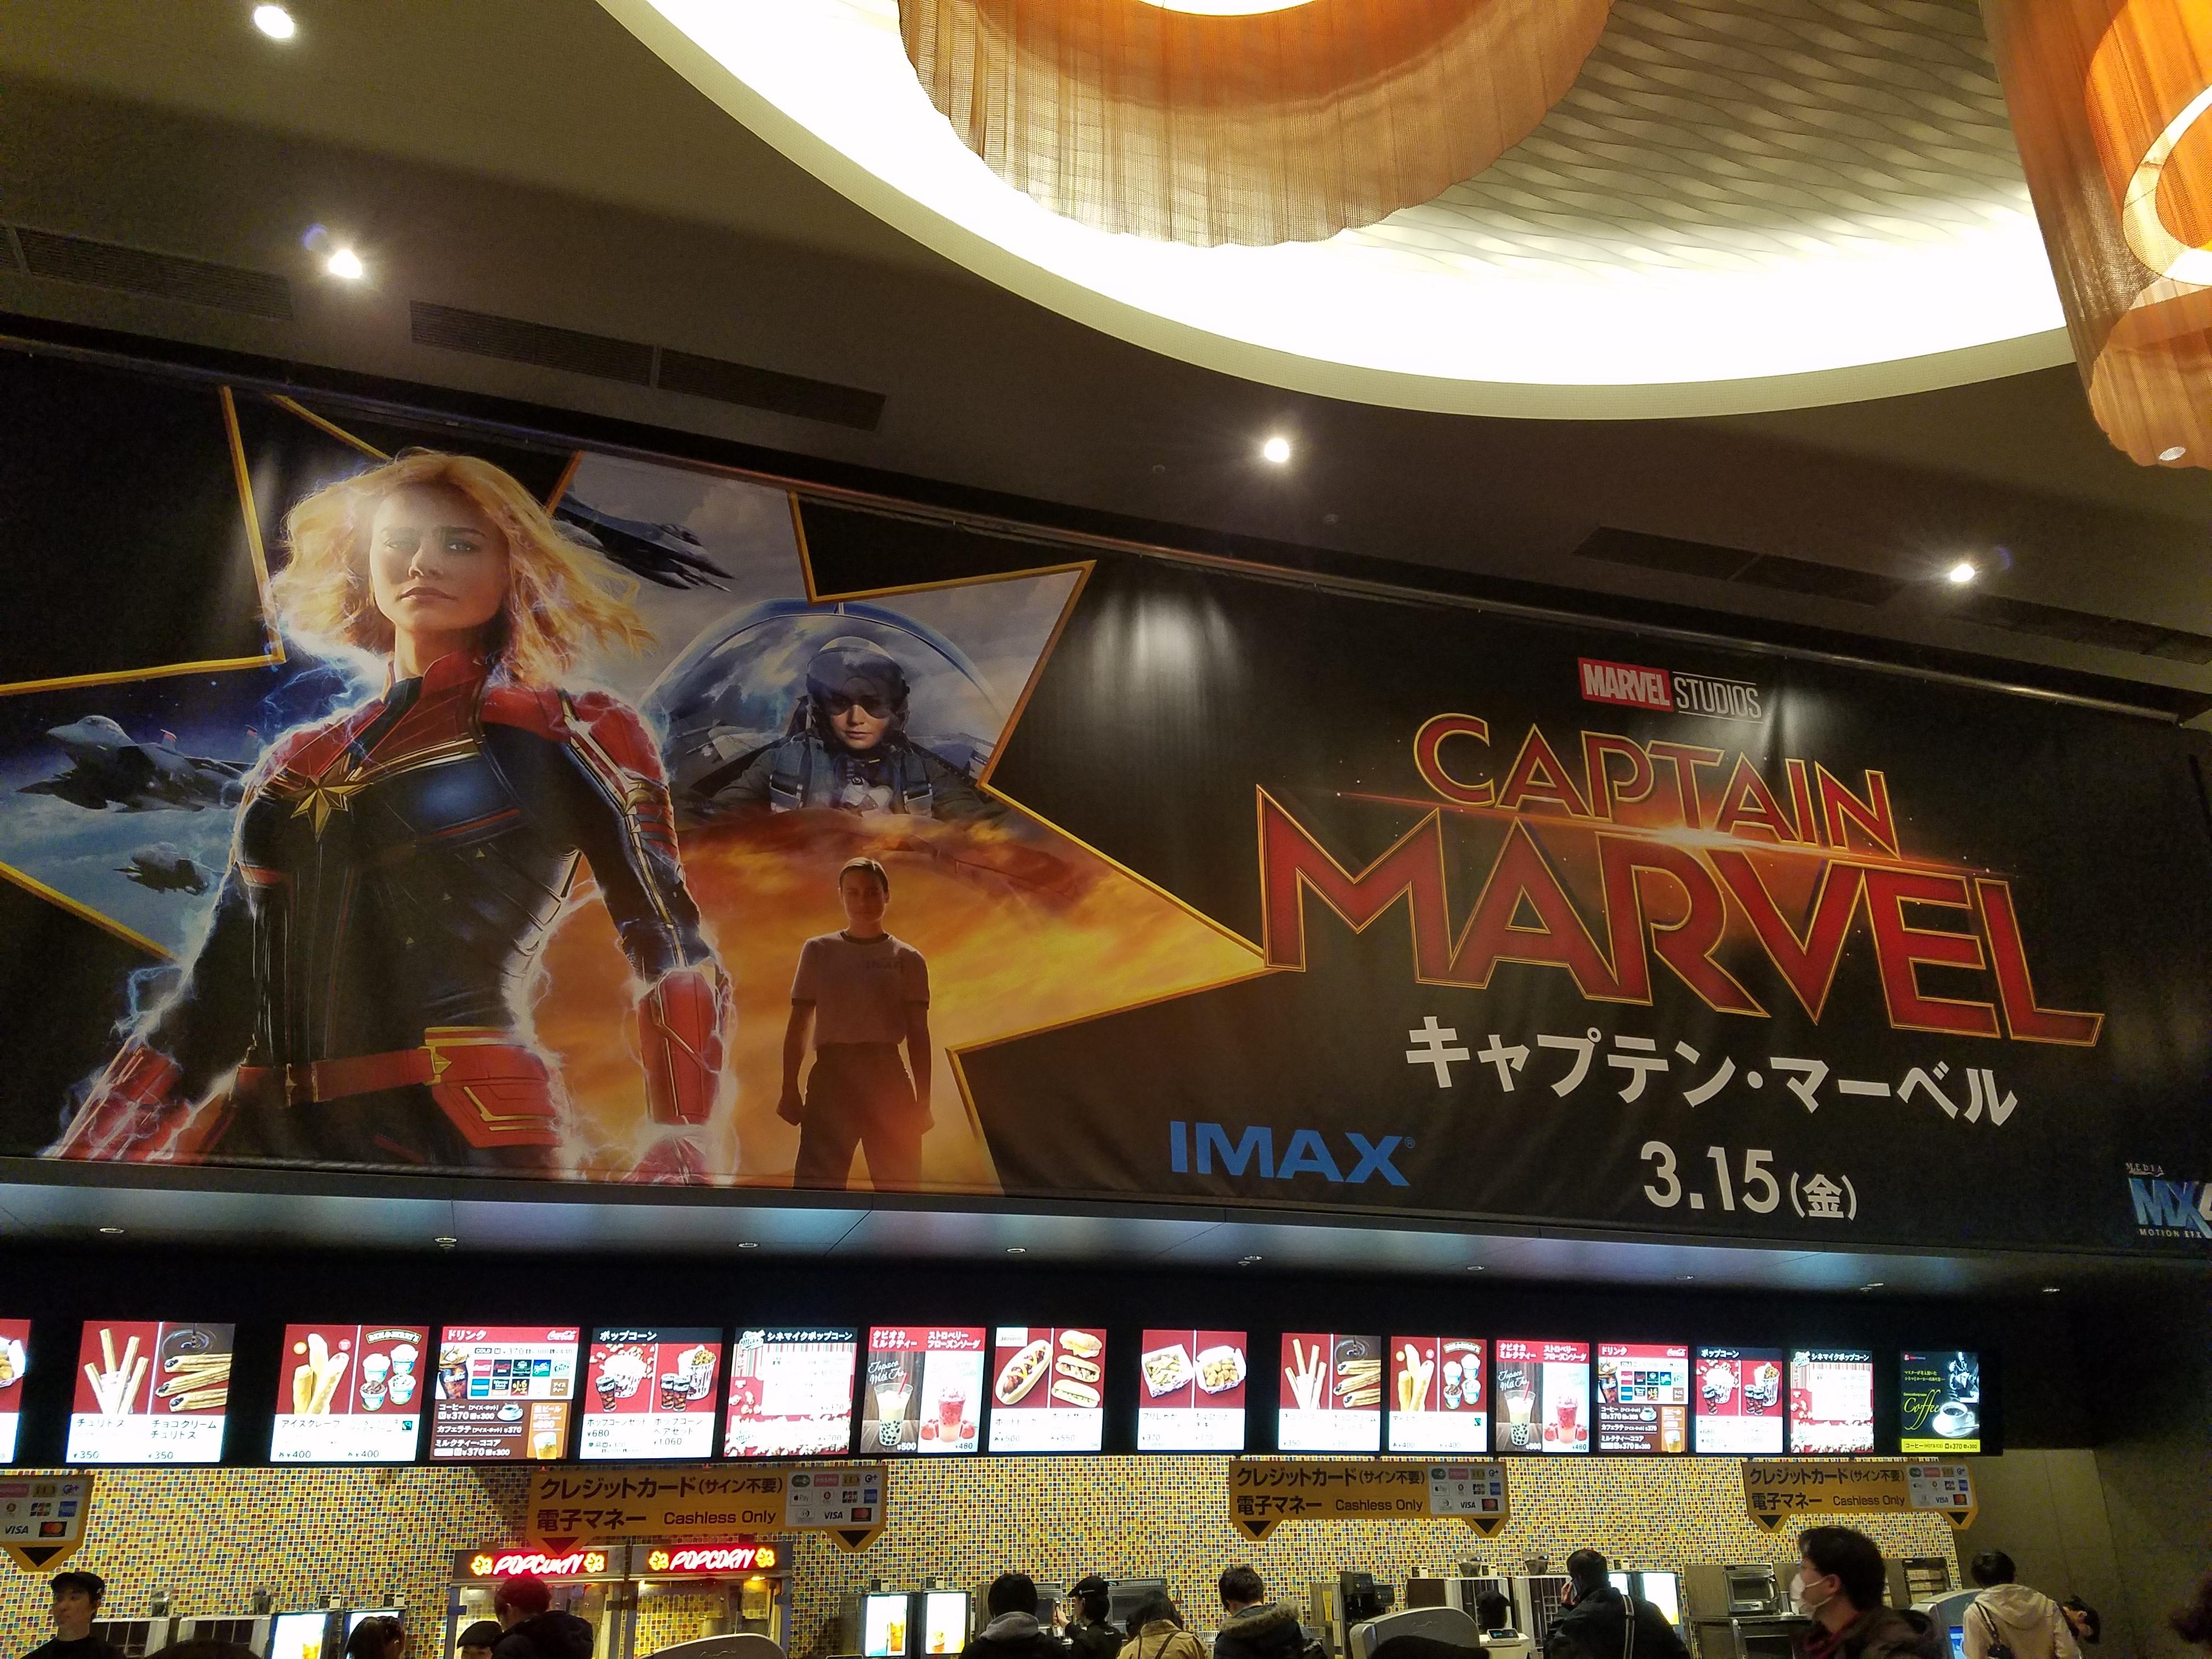 『キャプテン・マーベル』感想&解説!(ネタバレ注意)MCU最強のヒーロー誕生!